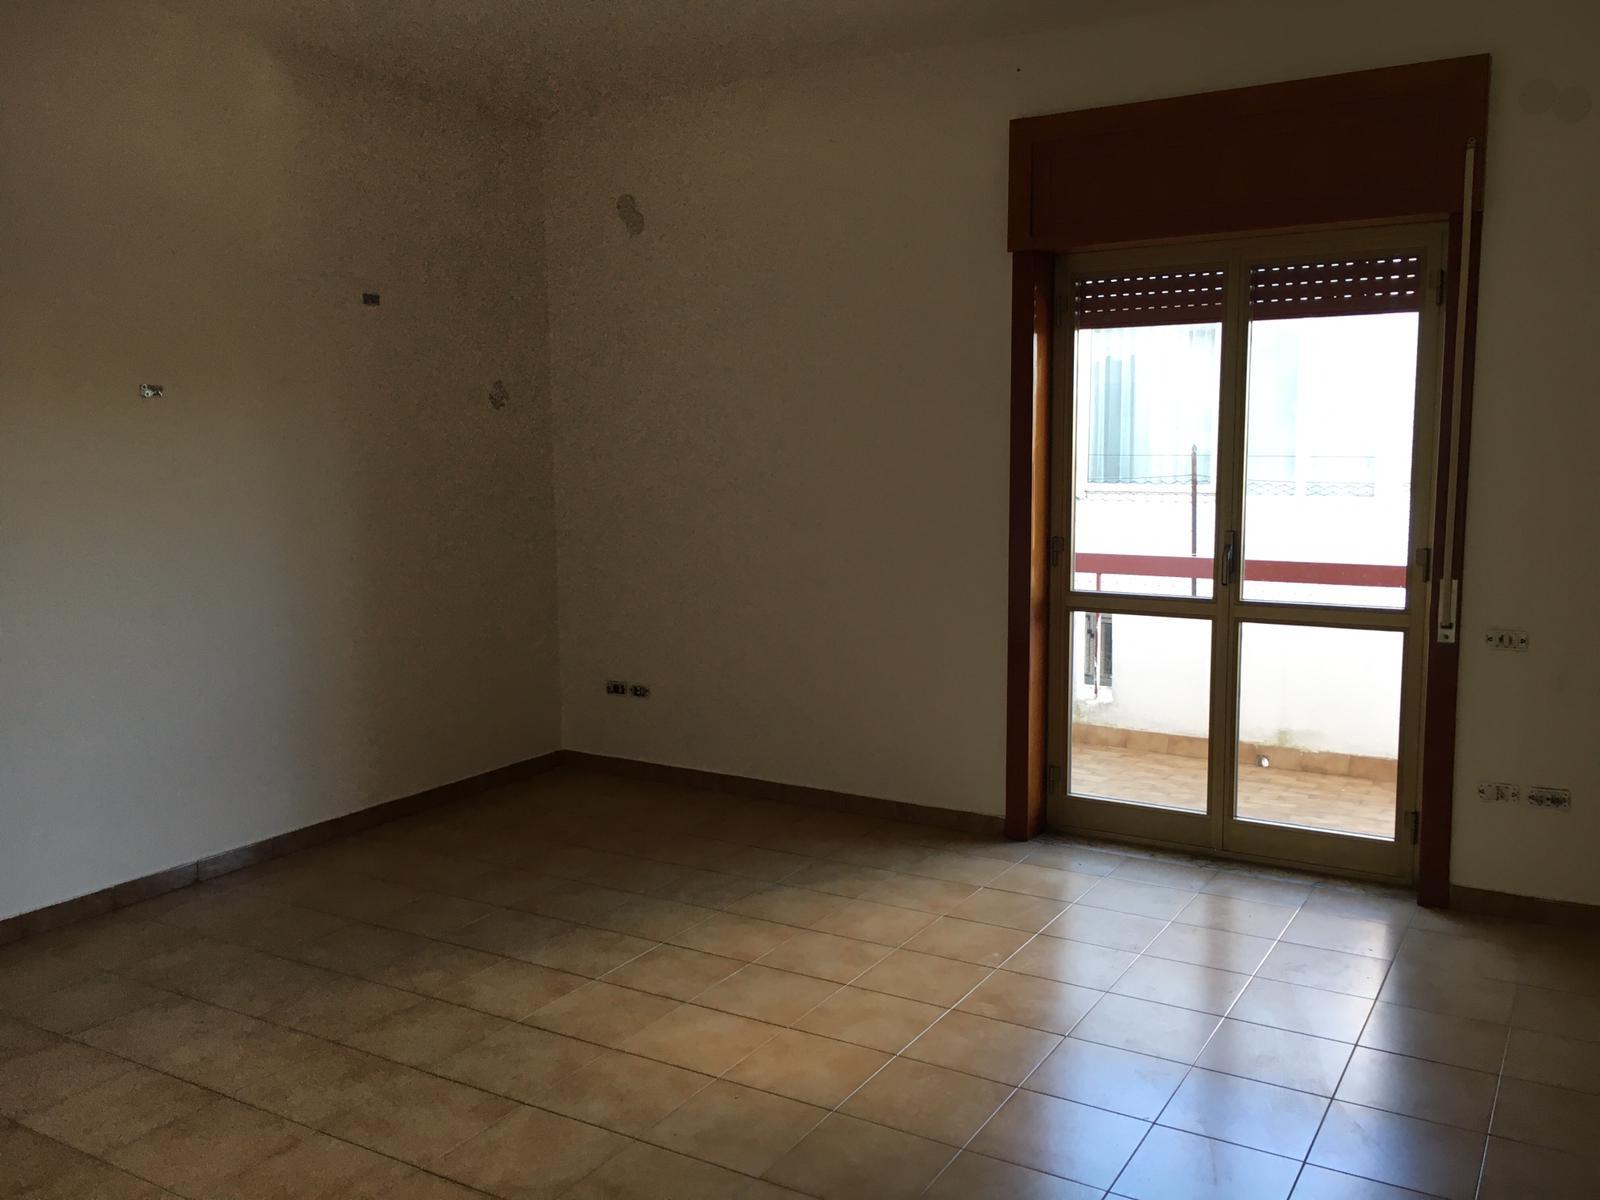 Appartamento in vendita a Ottaviano, 4 locali, prezzo € 210.000 | CambioCasa.it